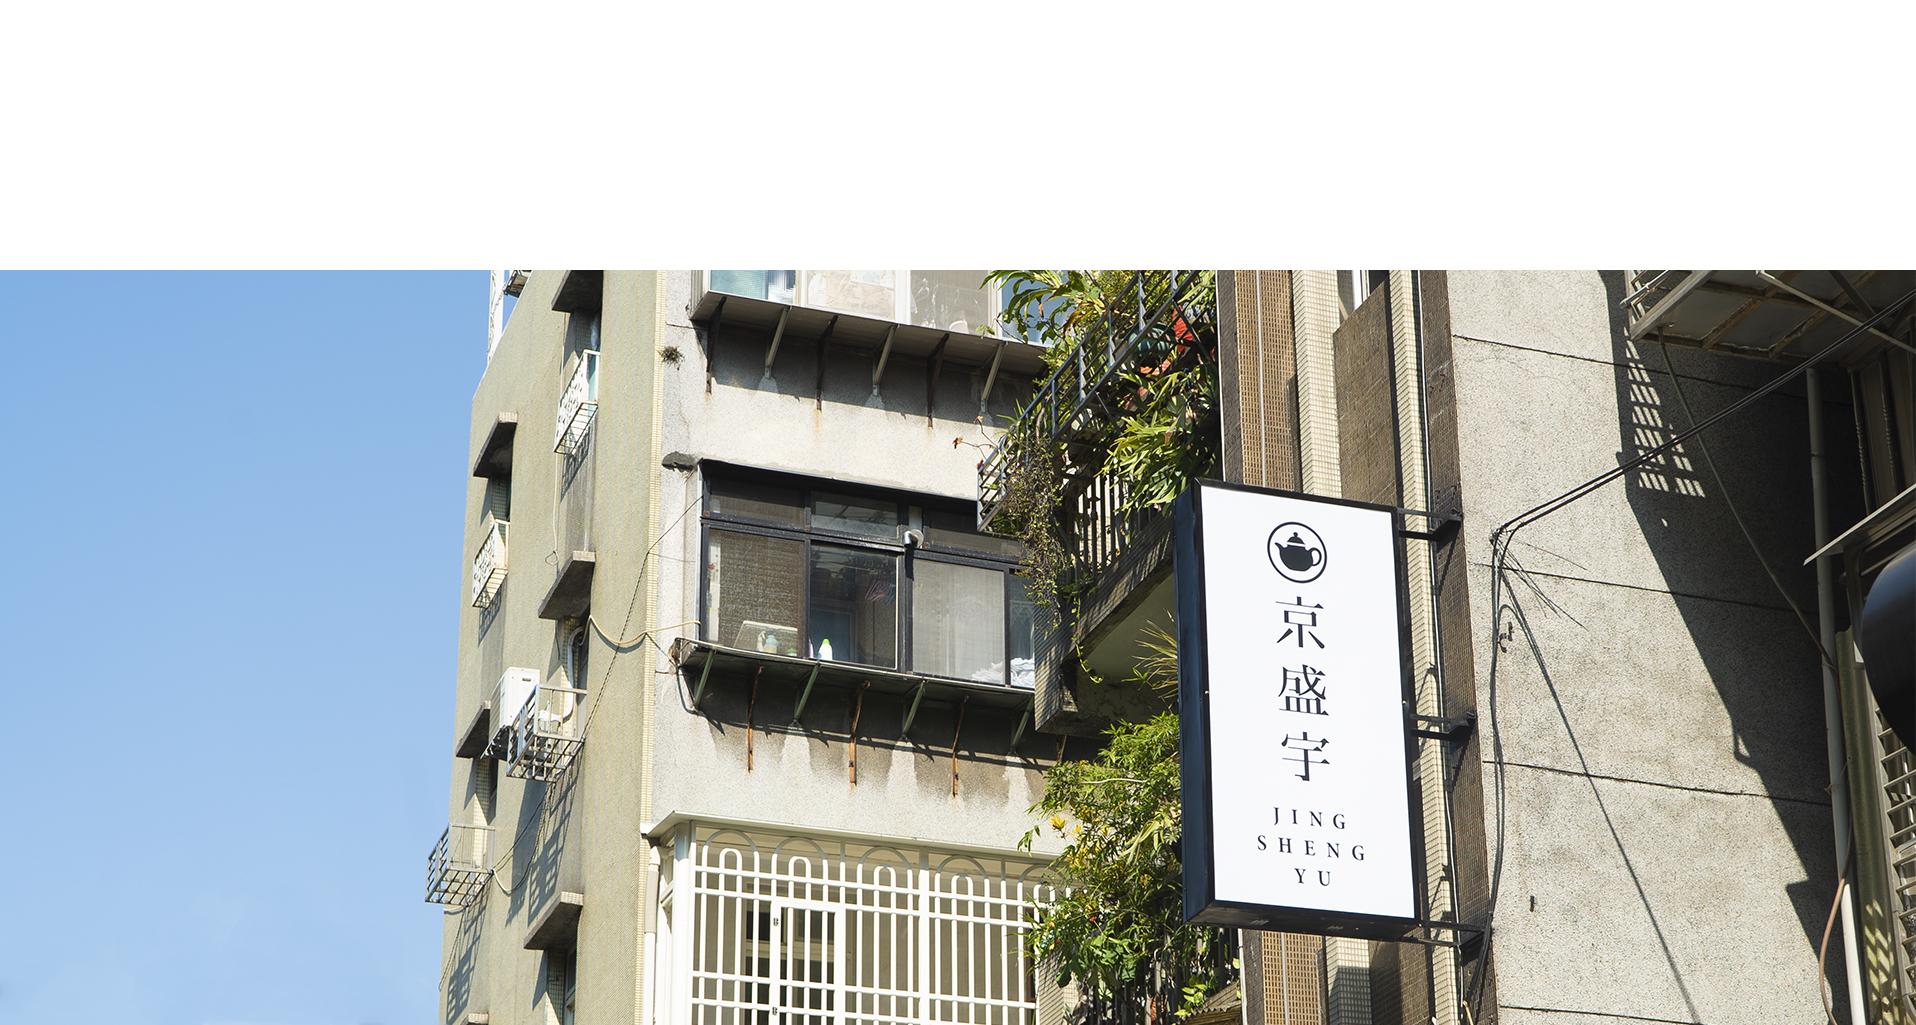 jing sheng yu taipei yongkang street concept store